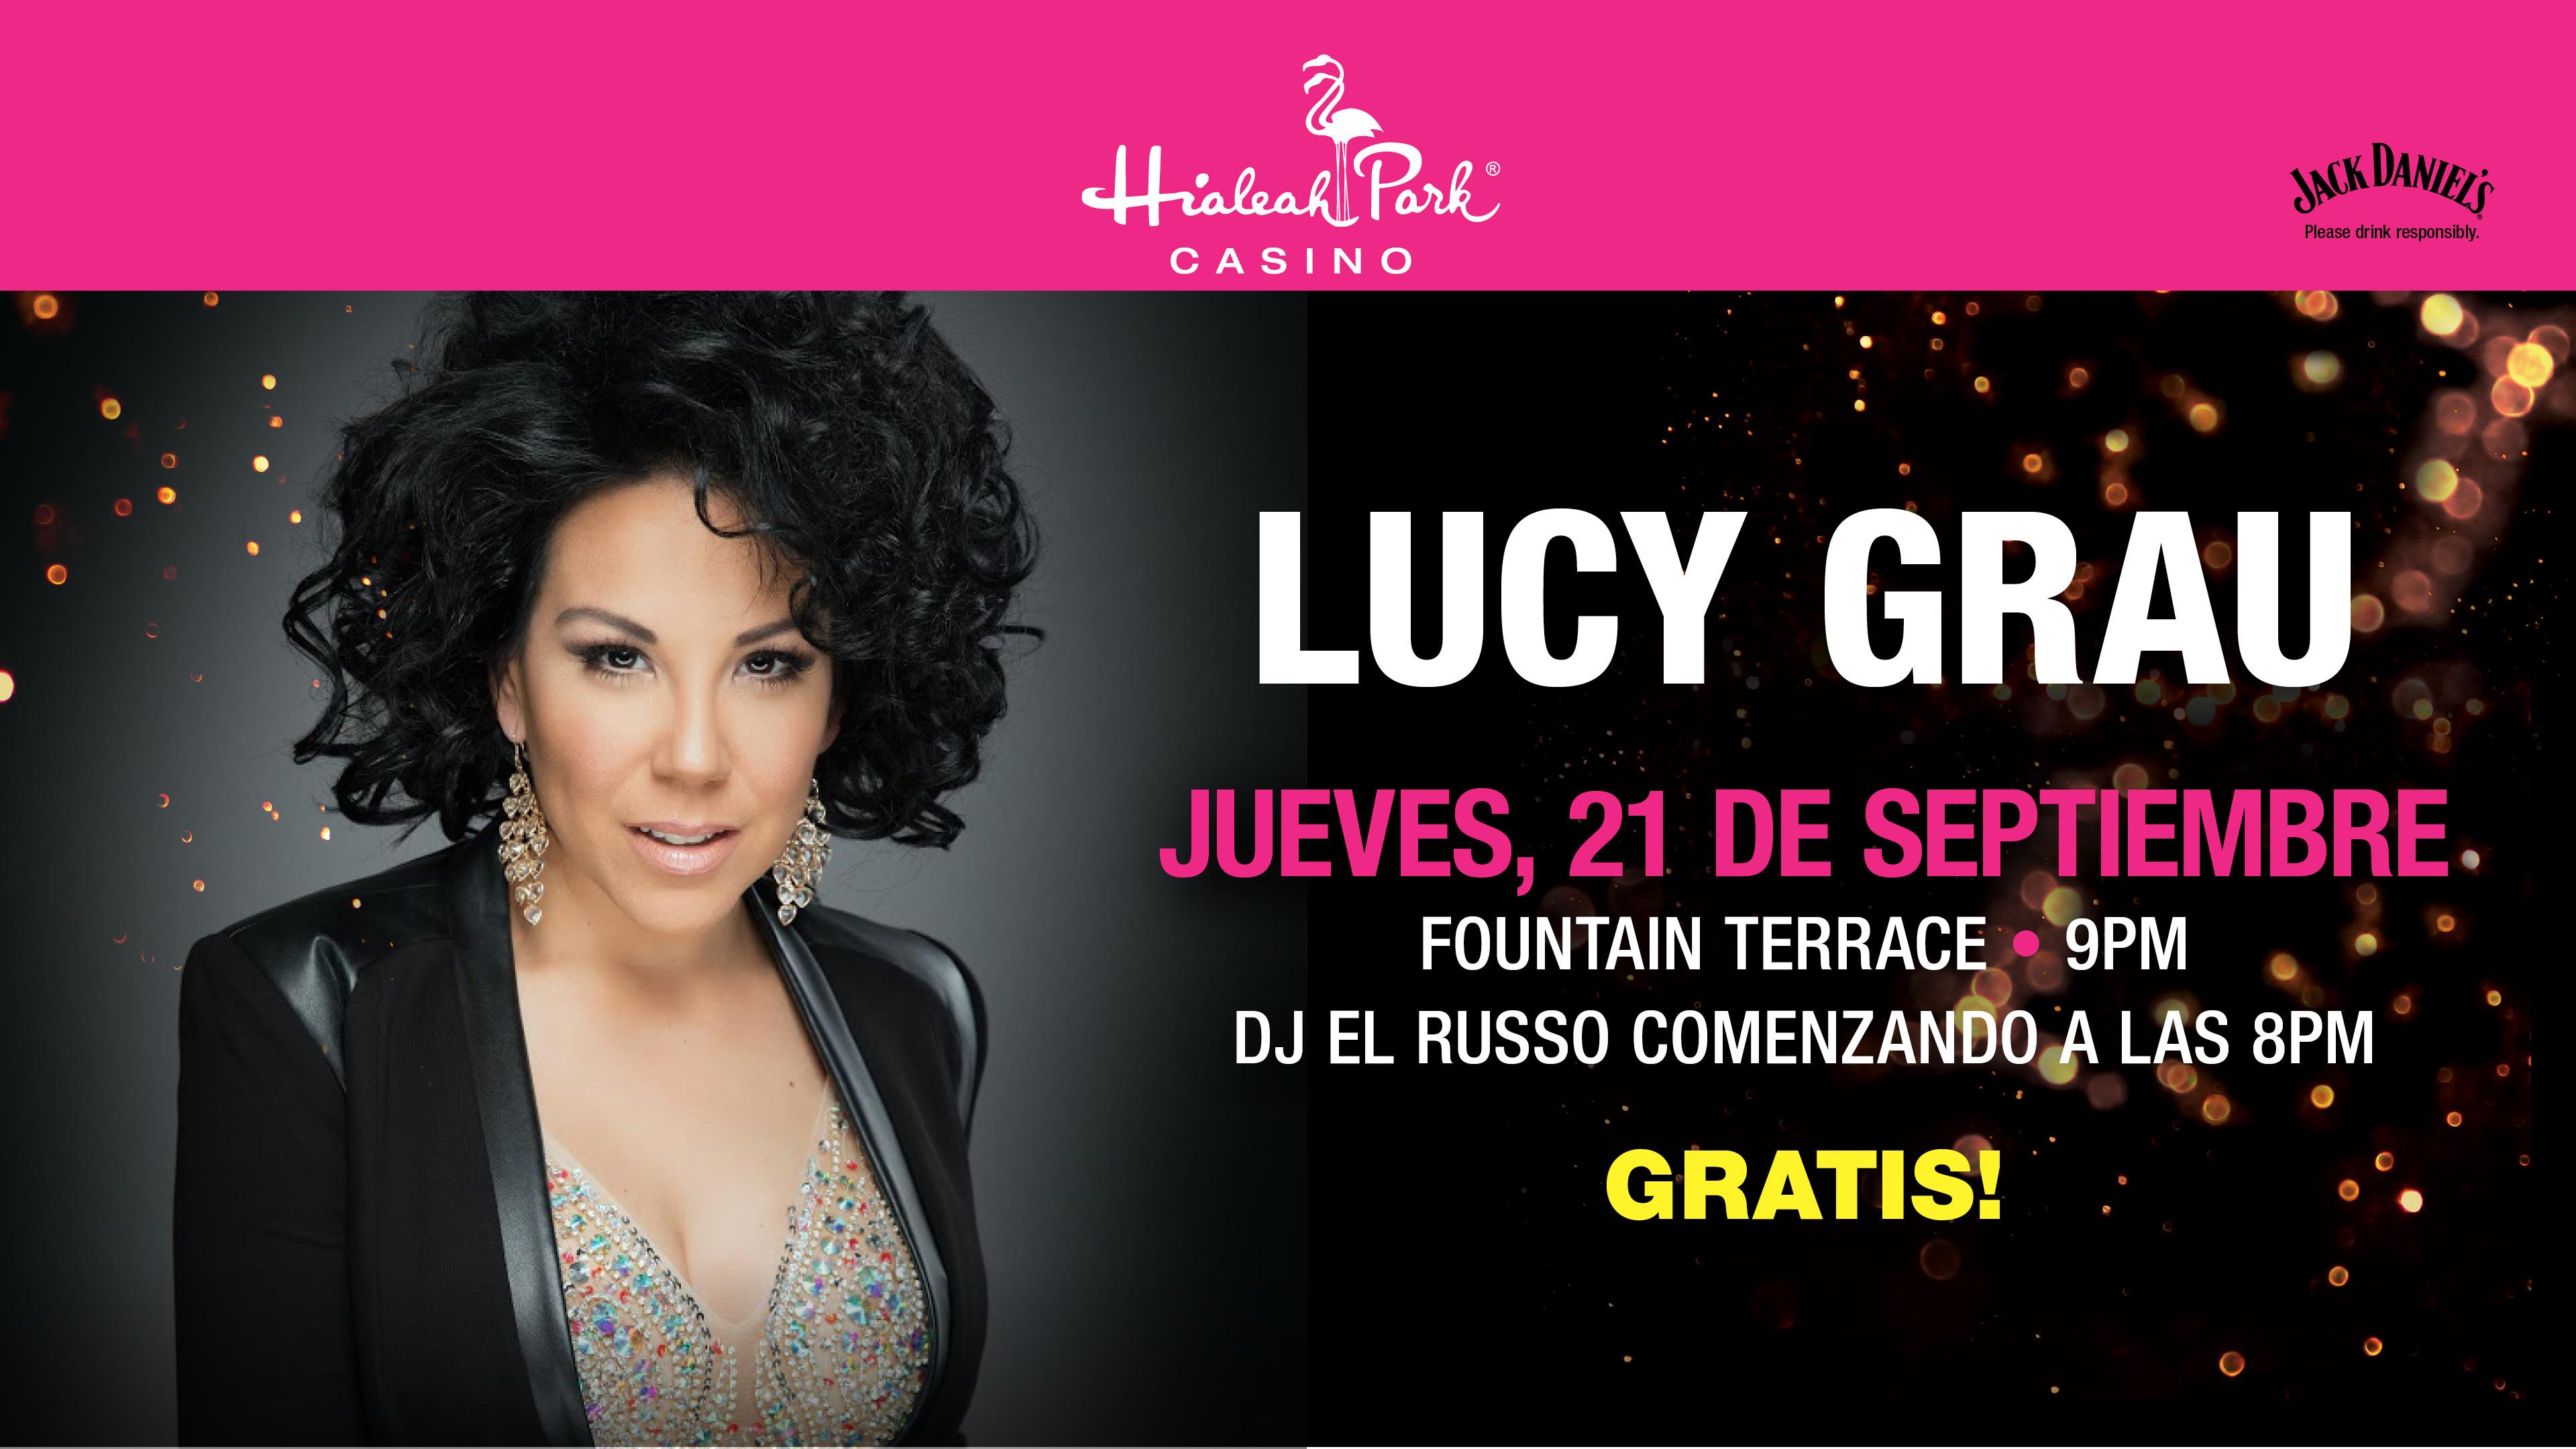 HIAL2504 4th Anniversary LUCY GRAU Csign_3840x2160